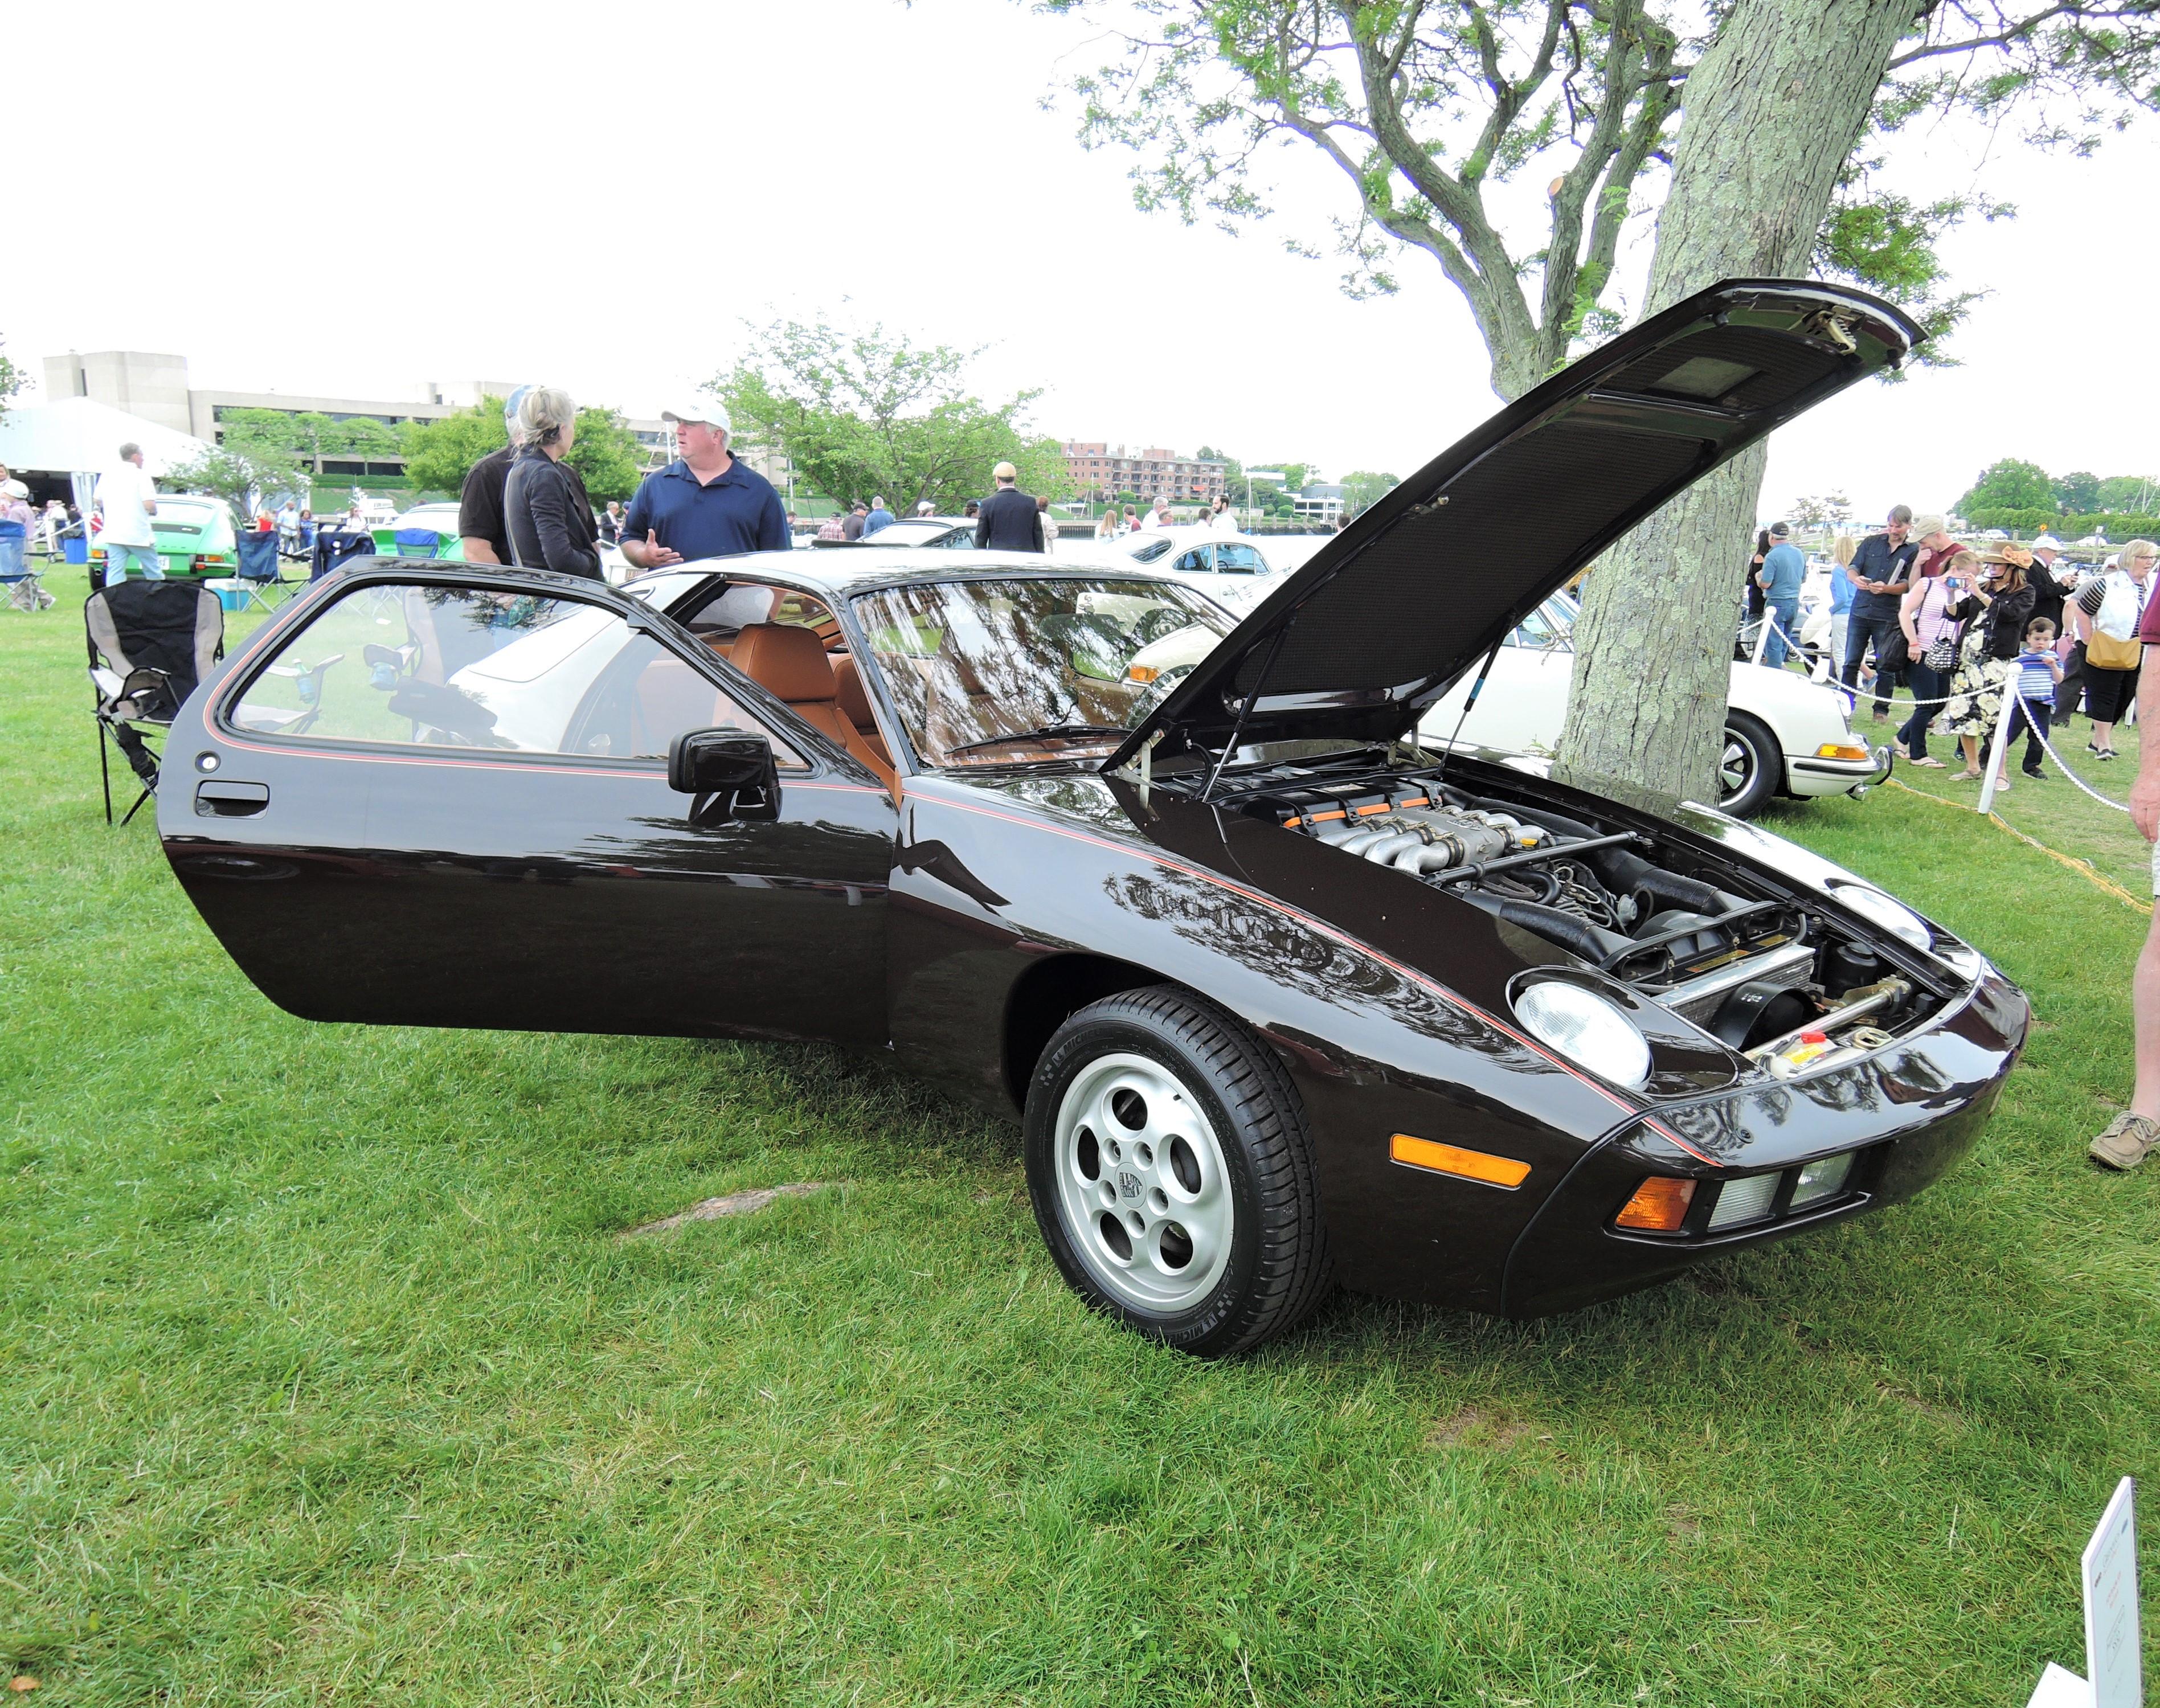 brown 1979 Porsche 928 - Greenwich Concours d'Elegance 2017